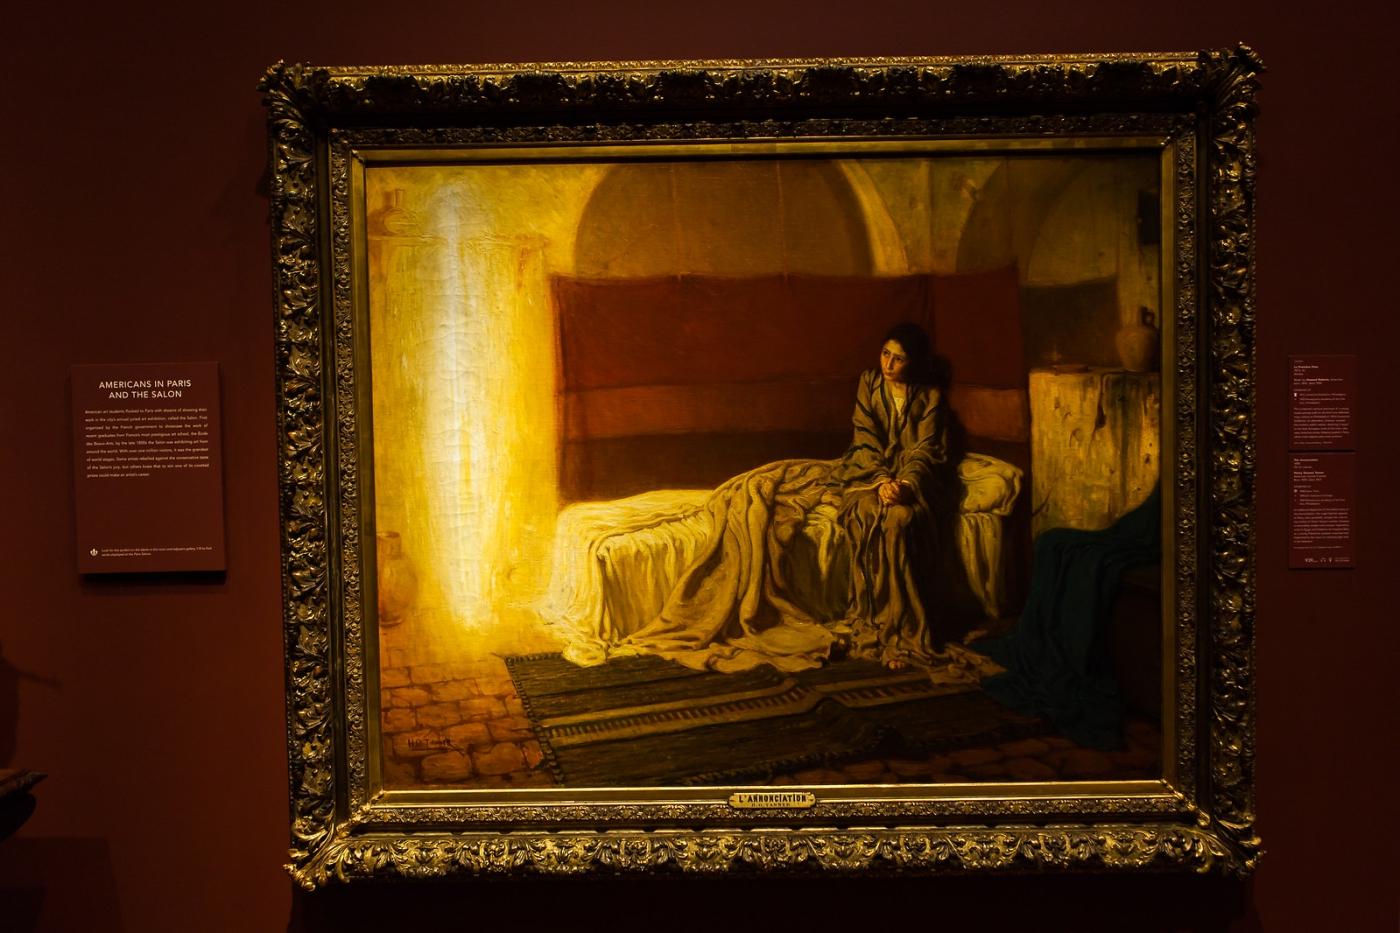 费城艺术馆,那些馆藏稀世油画_图1-13